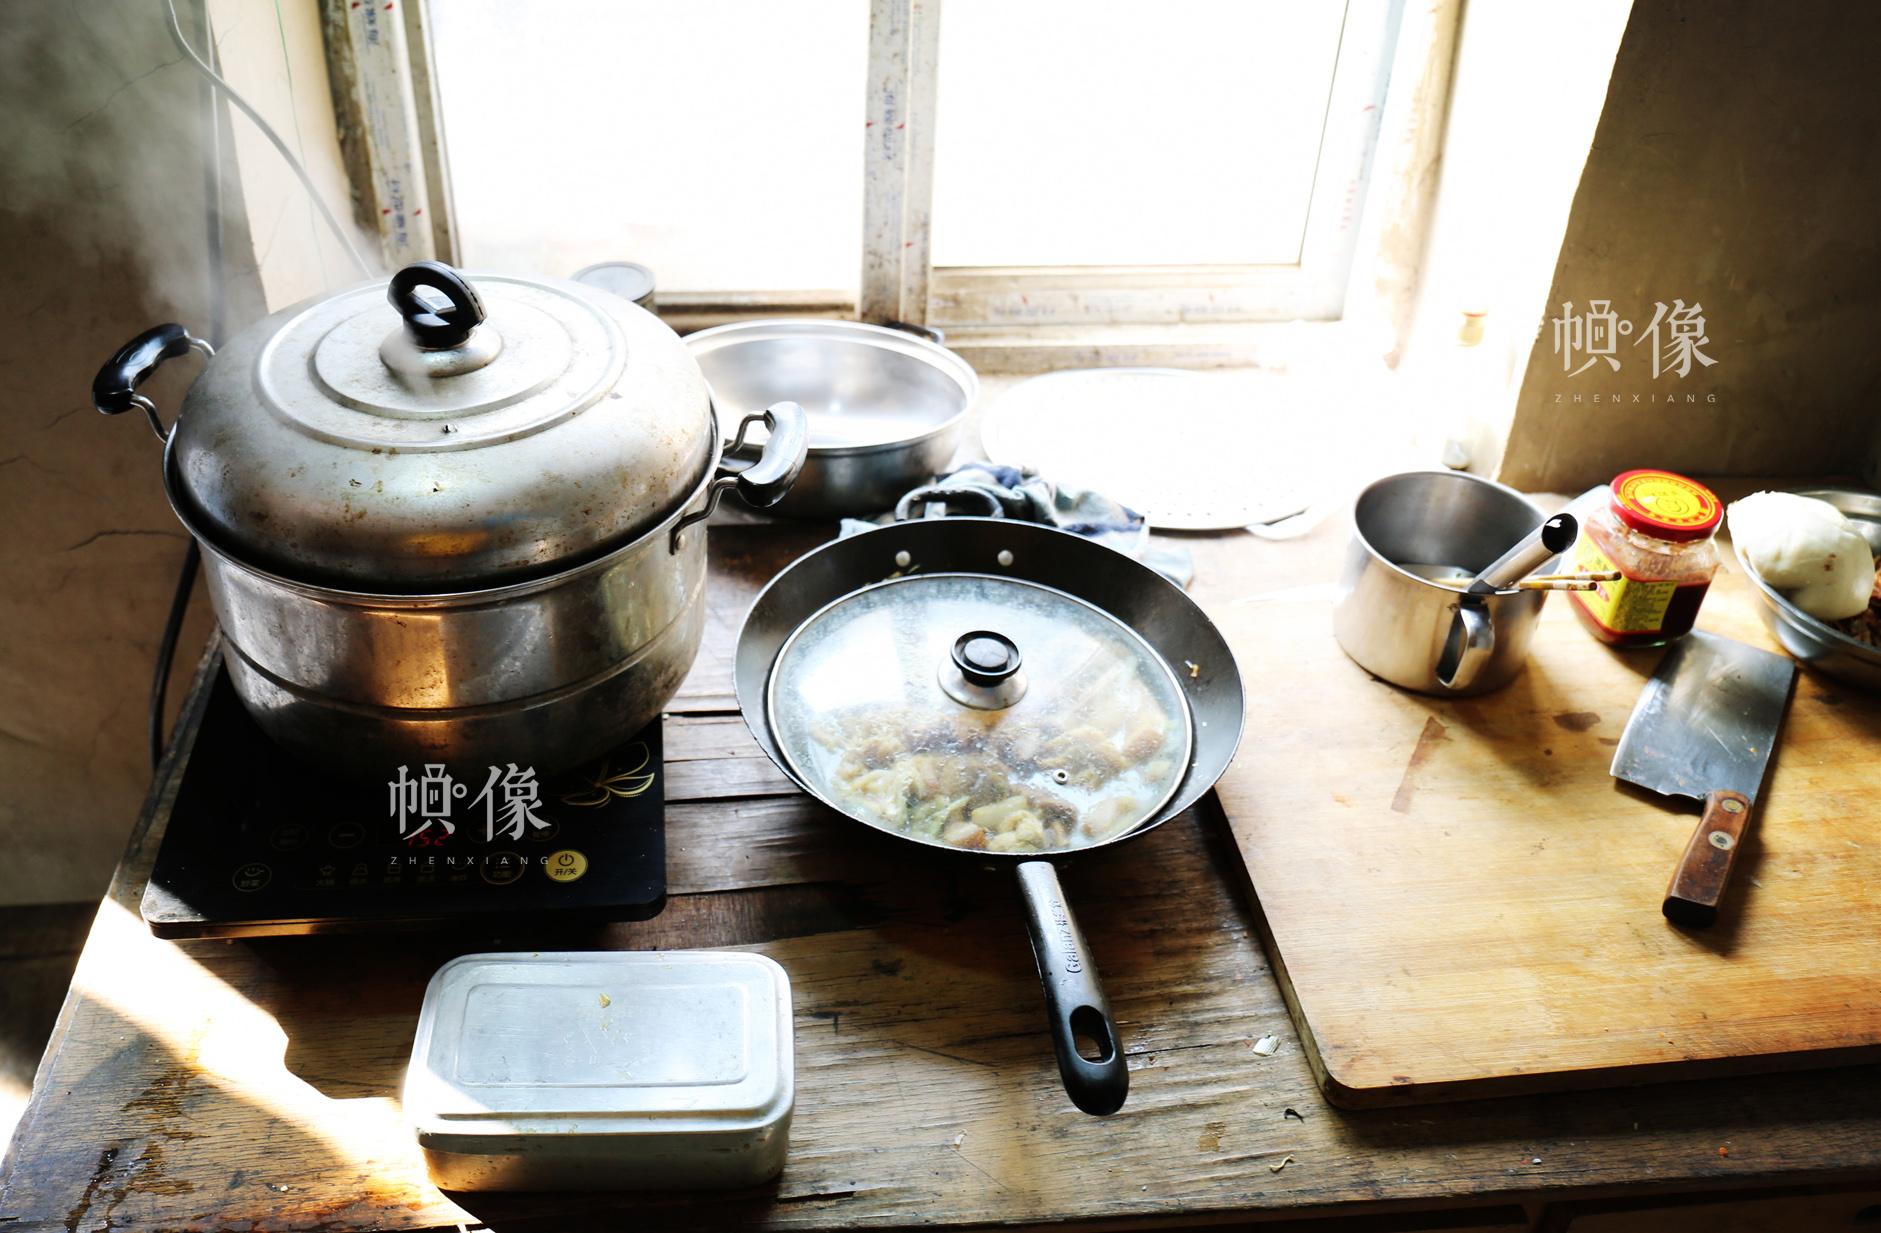 八达岭隧道打冰人休息室里简单的厨具。中国网王梦泽 摄